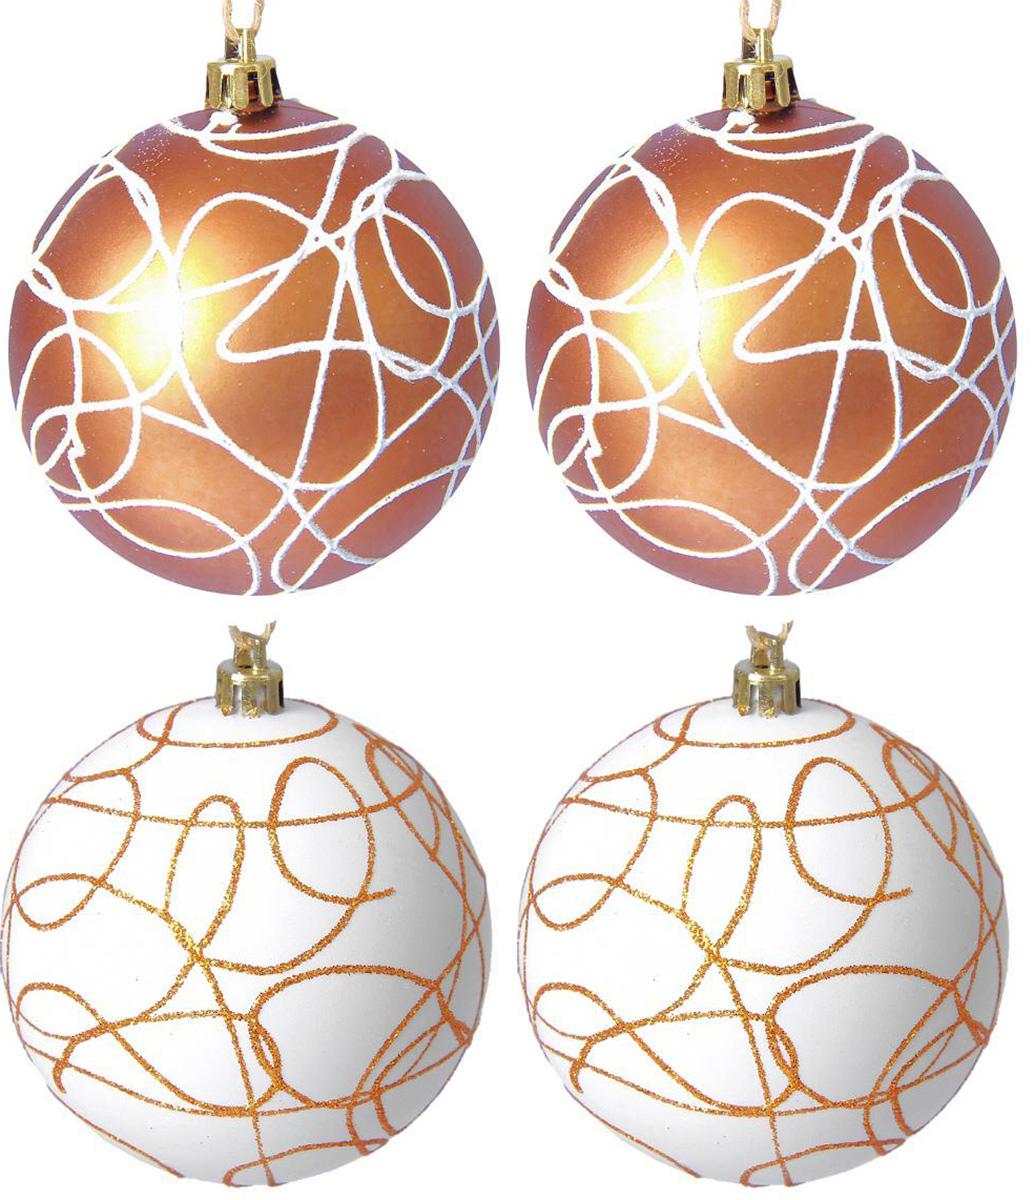 Набор новогодних подвесных украшений Sima-land Корделия. Шоко, диаметр 8 см, 4 шт2137156Набор новогодних подвесных украшений Sima-land отлично подойдет для декорации вашего дома и новогодней ели. С помощью специальной петельки украшение можно повесить в любом понравившемся вам месте. Но, конечно, удачнее всего оно будет смотреться на праздничной елке. Елочная игрушка - символ Нового года. Она несет в себе волшебство и красоту праздника. Создайте в своем доме атмосферу веселья и радости, украшая новогоднюю елку нарядными игрушками, которые будут из года в год накапливать теплоту воспоминаний.